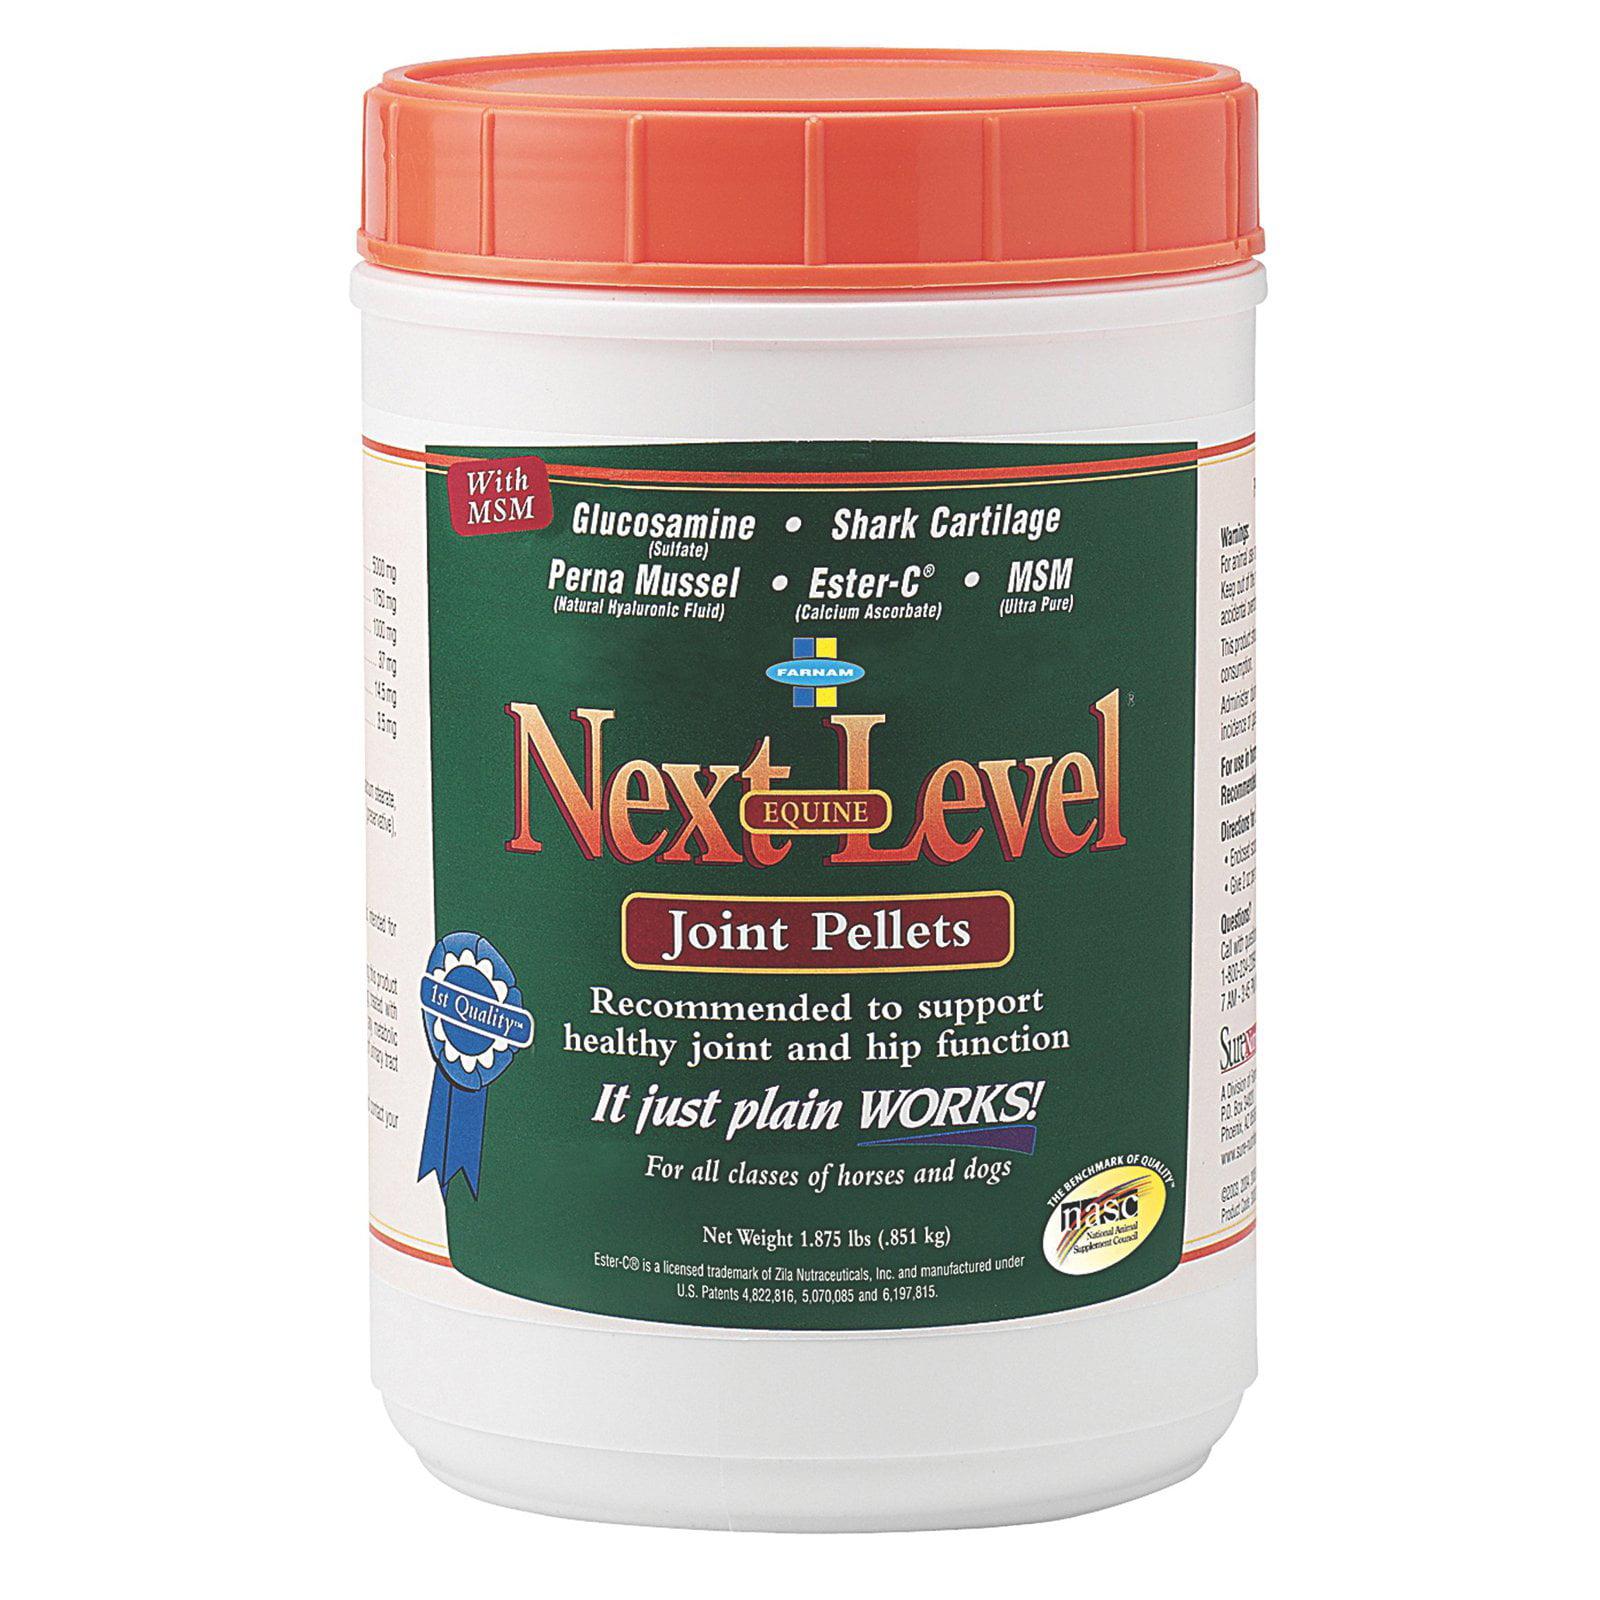 Farnam-Sure Nutrition Next Level Joint Pellets